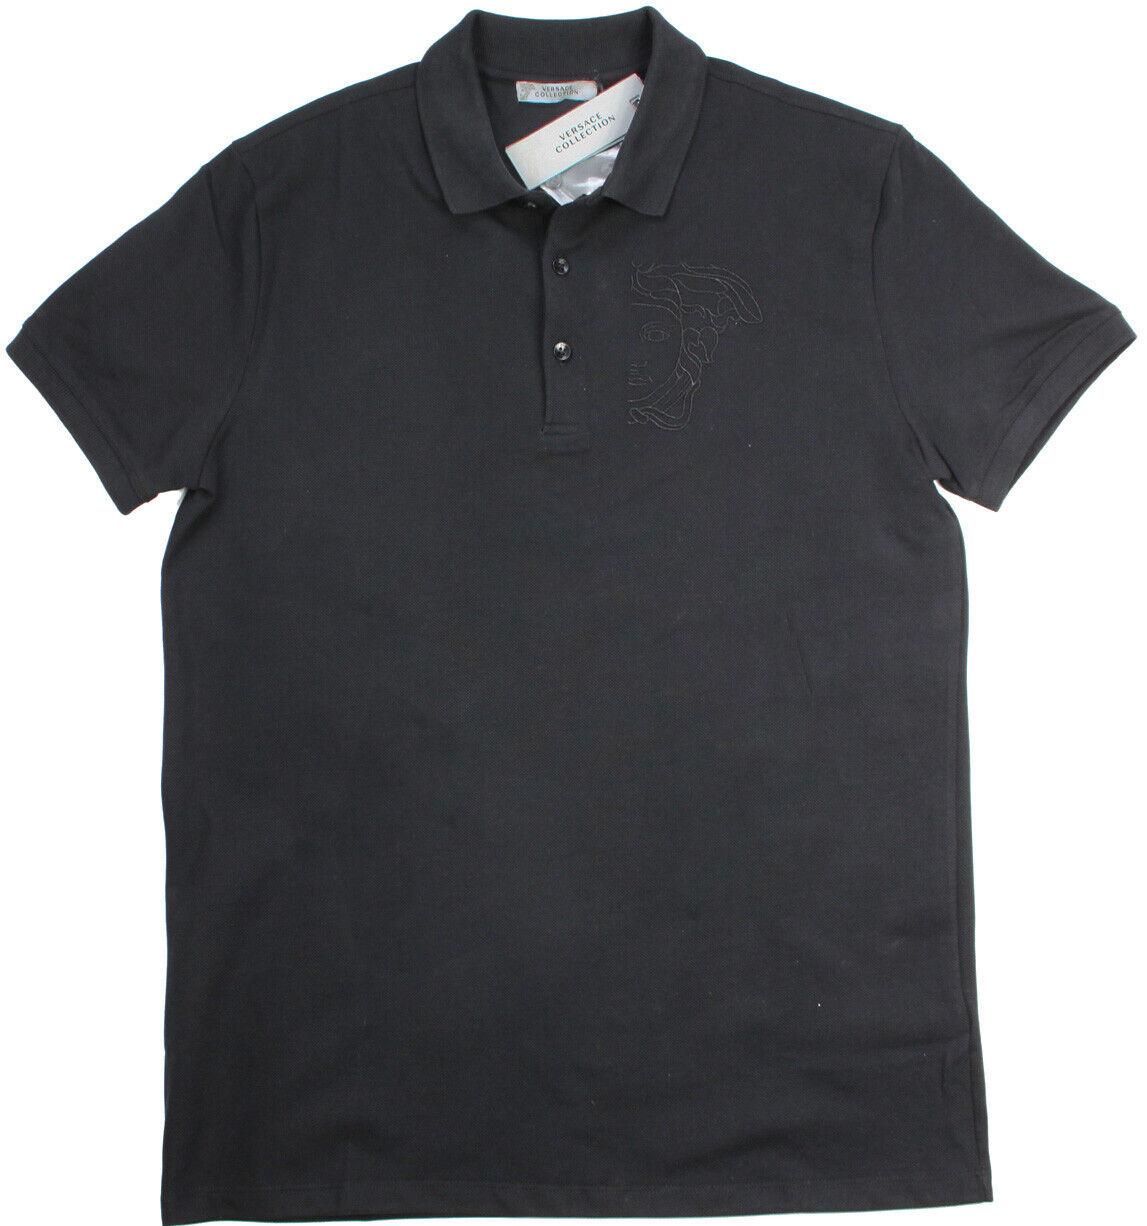 nouveaut  en coton noir Polo Piquet Noir Medusa broderie 100% Authentique Versace Shirt M